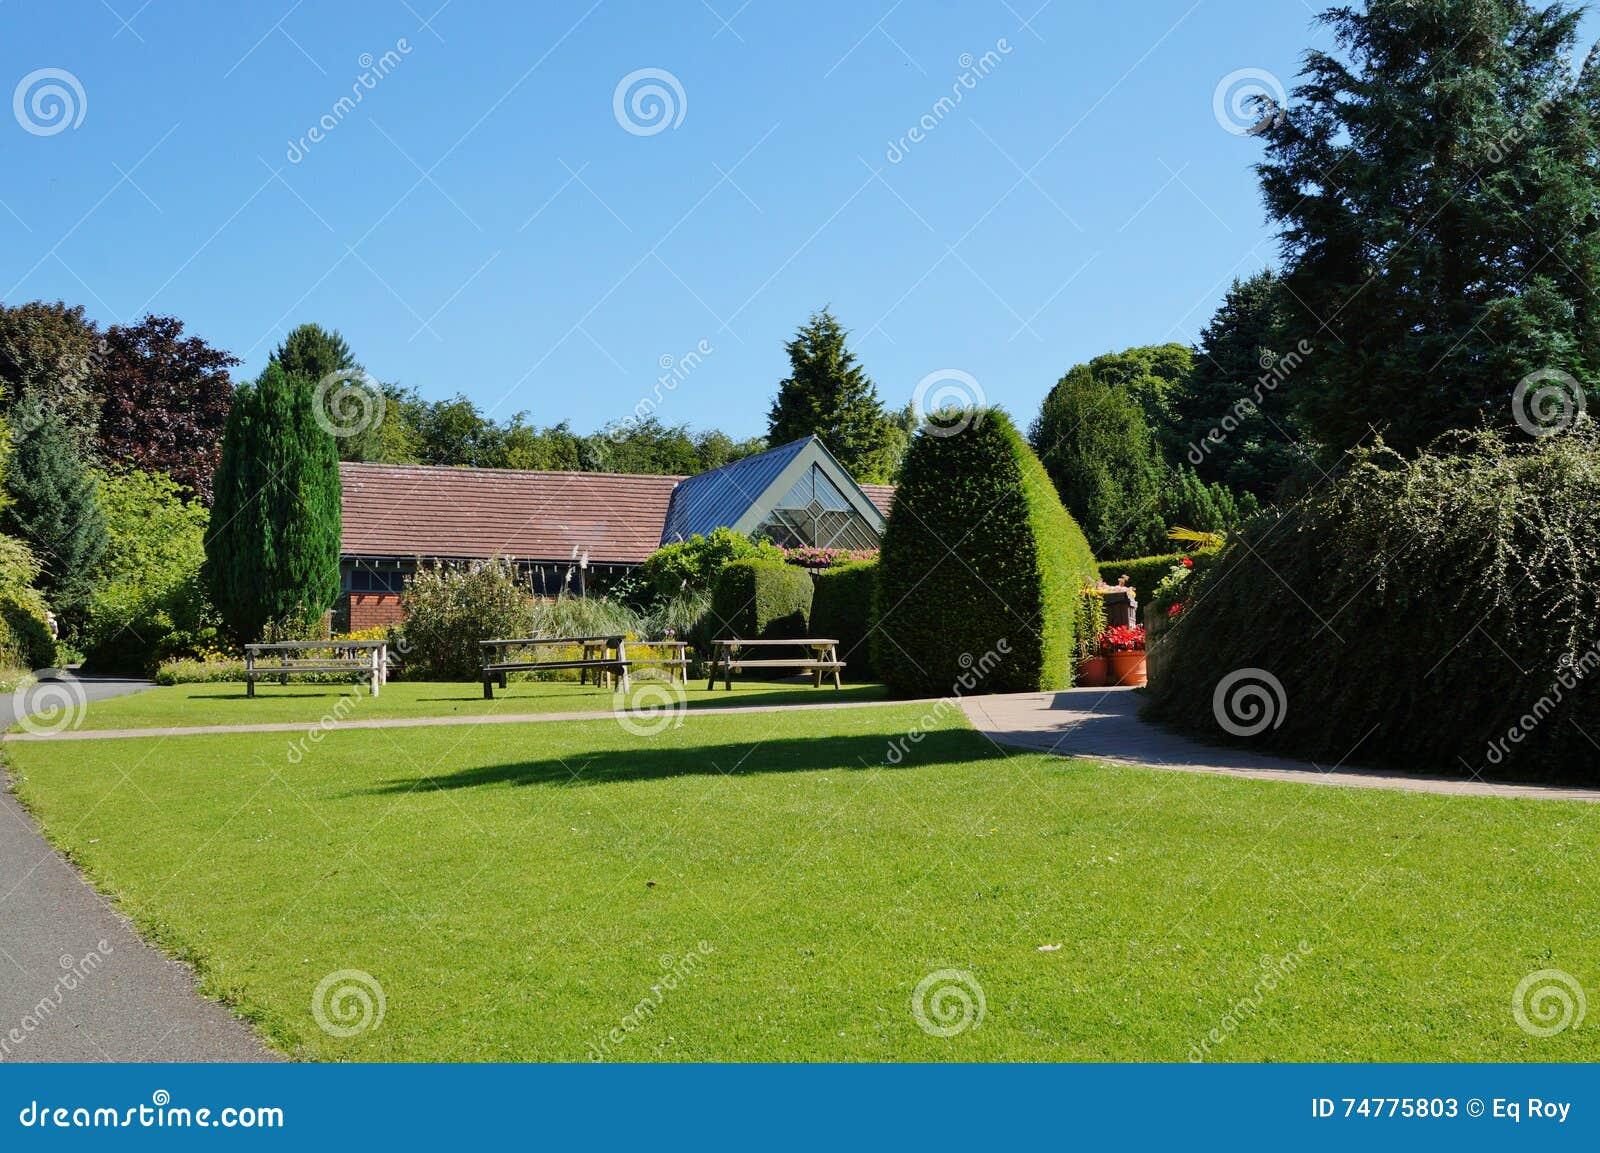 le jardin botanique d 39 universit de durham photo stock ditorial image du anglais angleterre. Black Bedroom Furniture Sets. Home Design Ideas